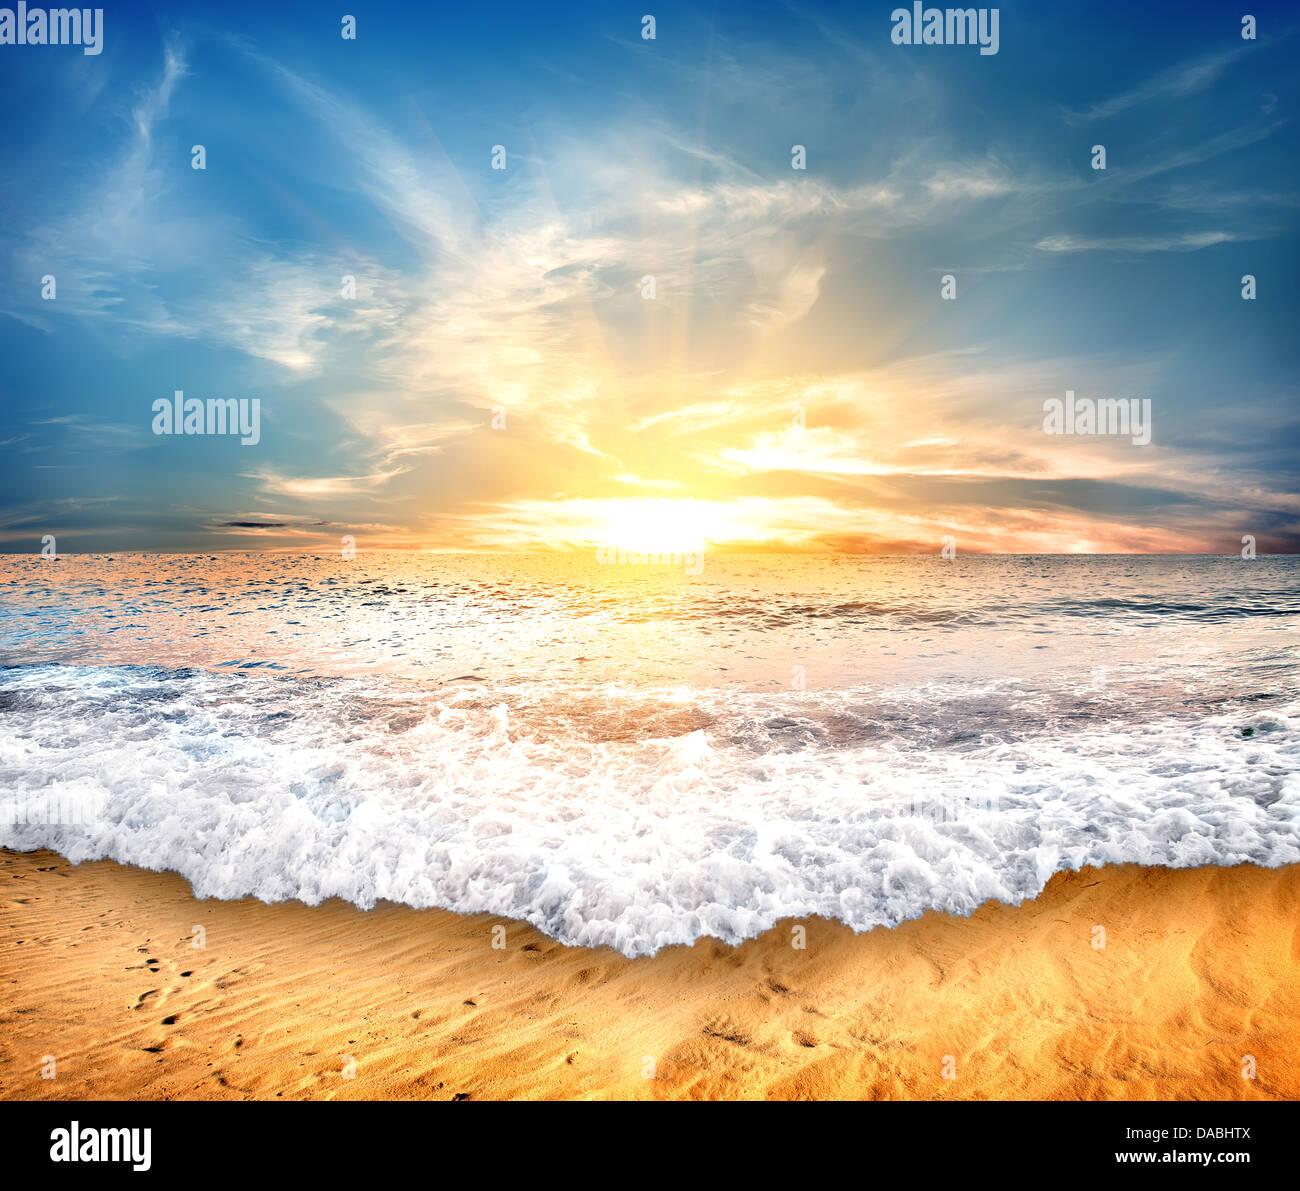 Playa de arena amarilla tropical y cielo azul Imagen De Stock